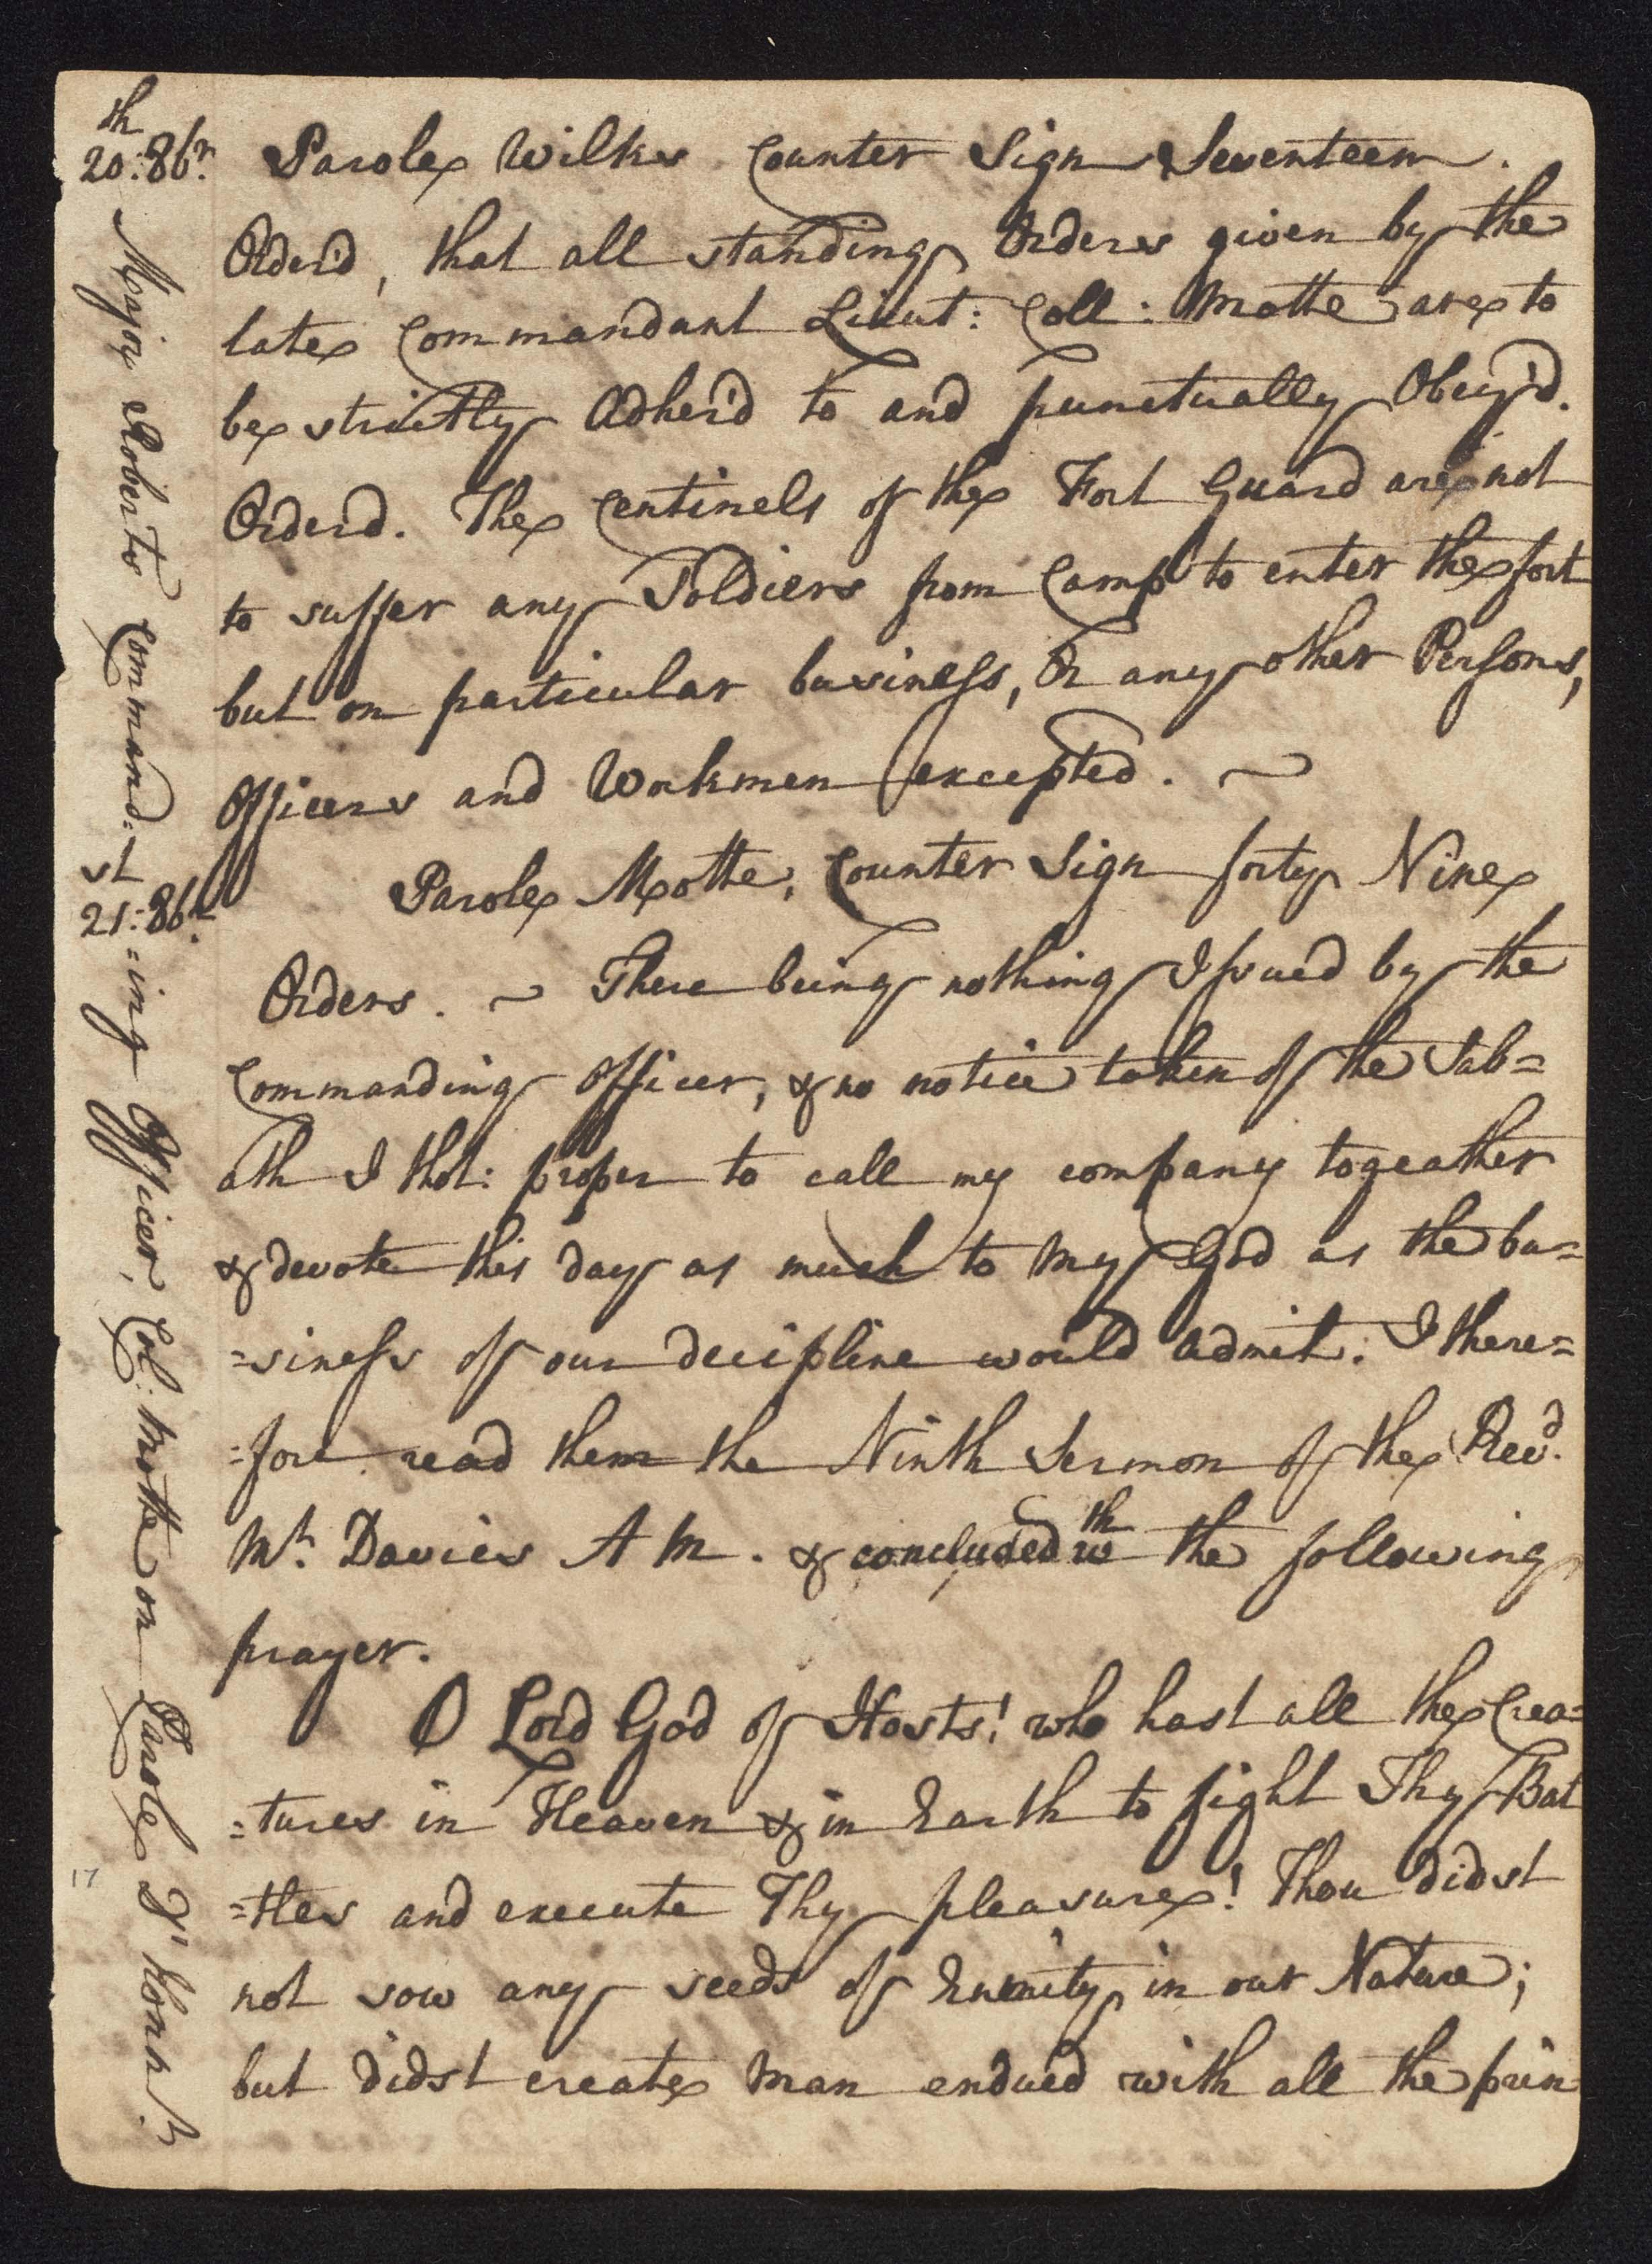 South Carolina Regiment Order Book, Page 33